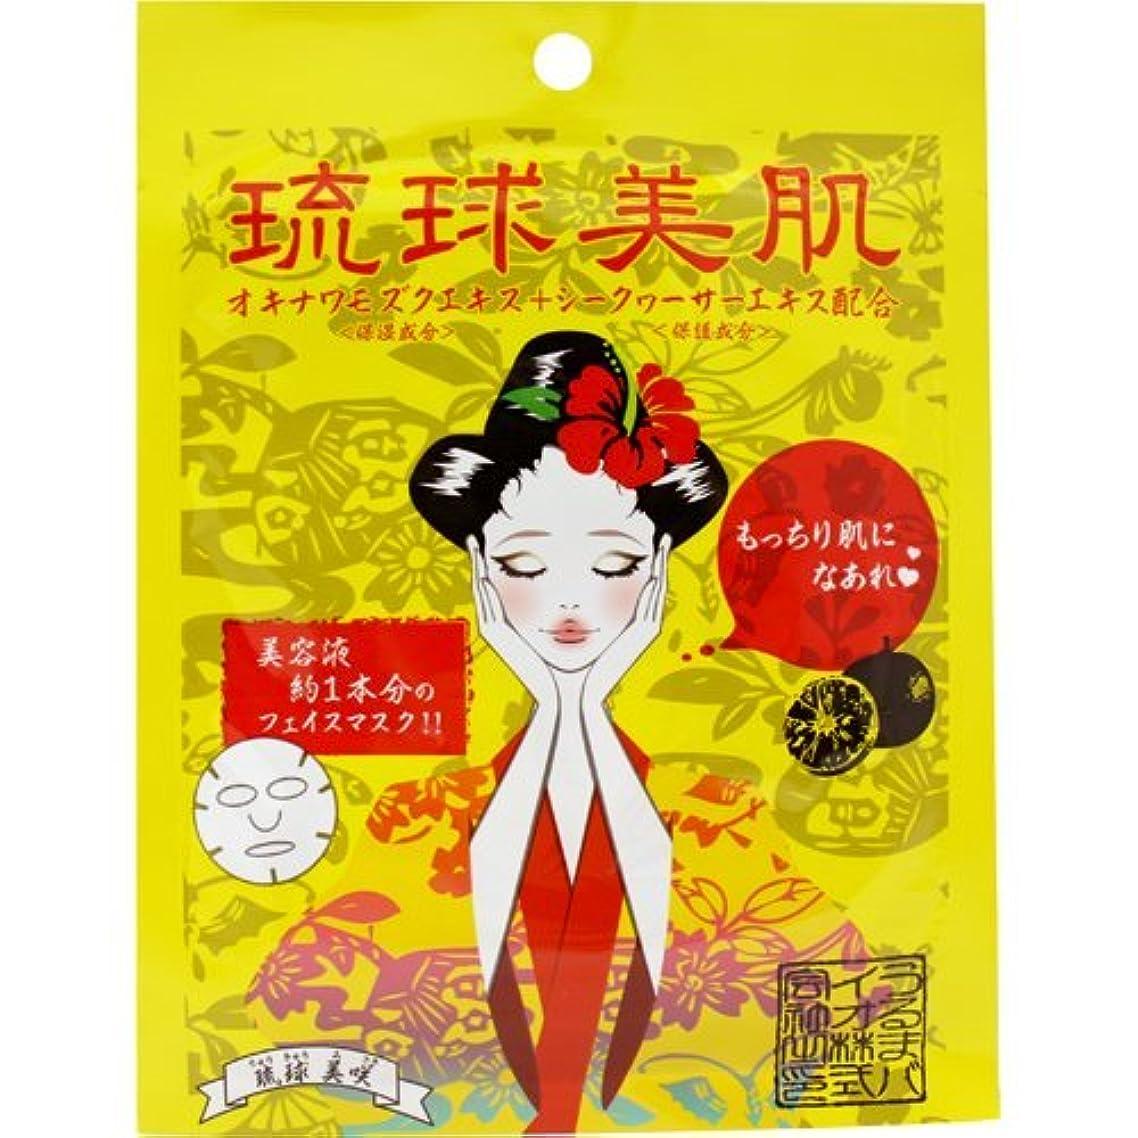 メニュー集まるインタビュー琉球美肌 フェイスマスクシート シークワーサー 10枚×2箱